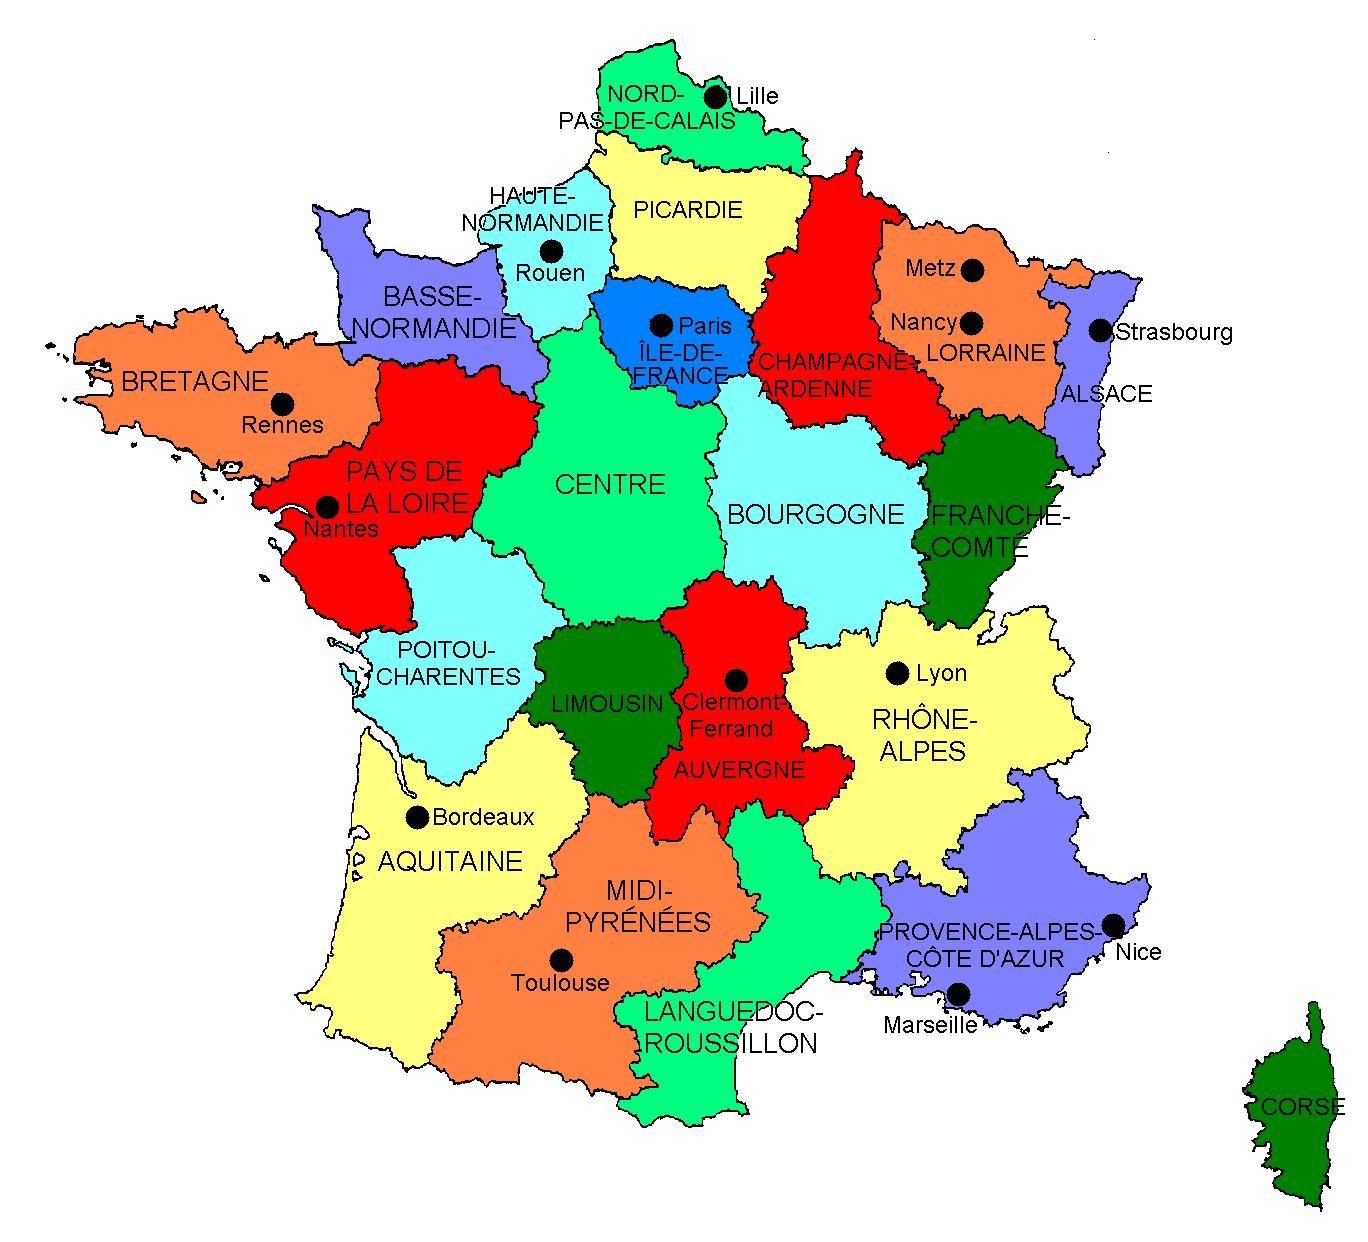 carte de france villes principales et regions Les repères chronologiques et spatiaux | France, Carte de france